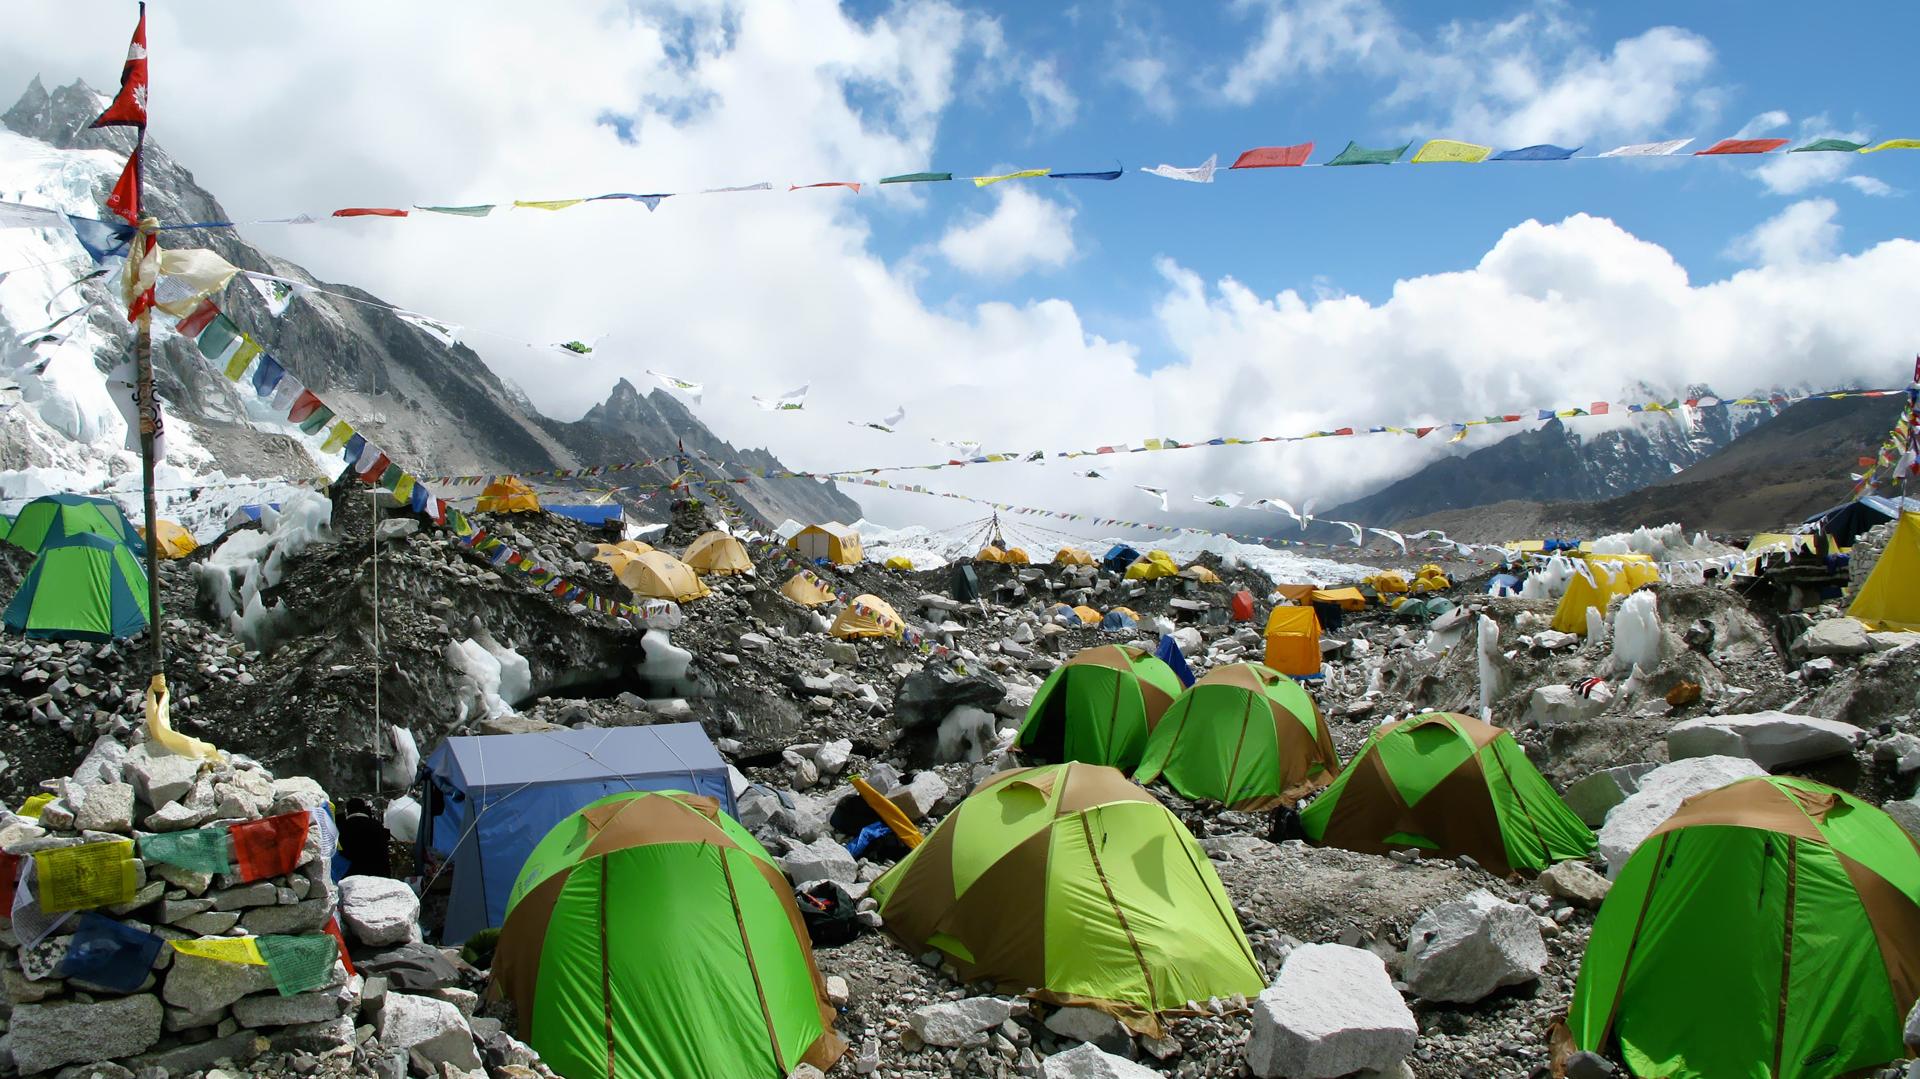 Nepal otorga unos permisos, que cuestan 11.000 dólares, para escalar la cumbre de 8.848 metros (Istock)